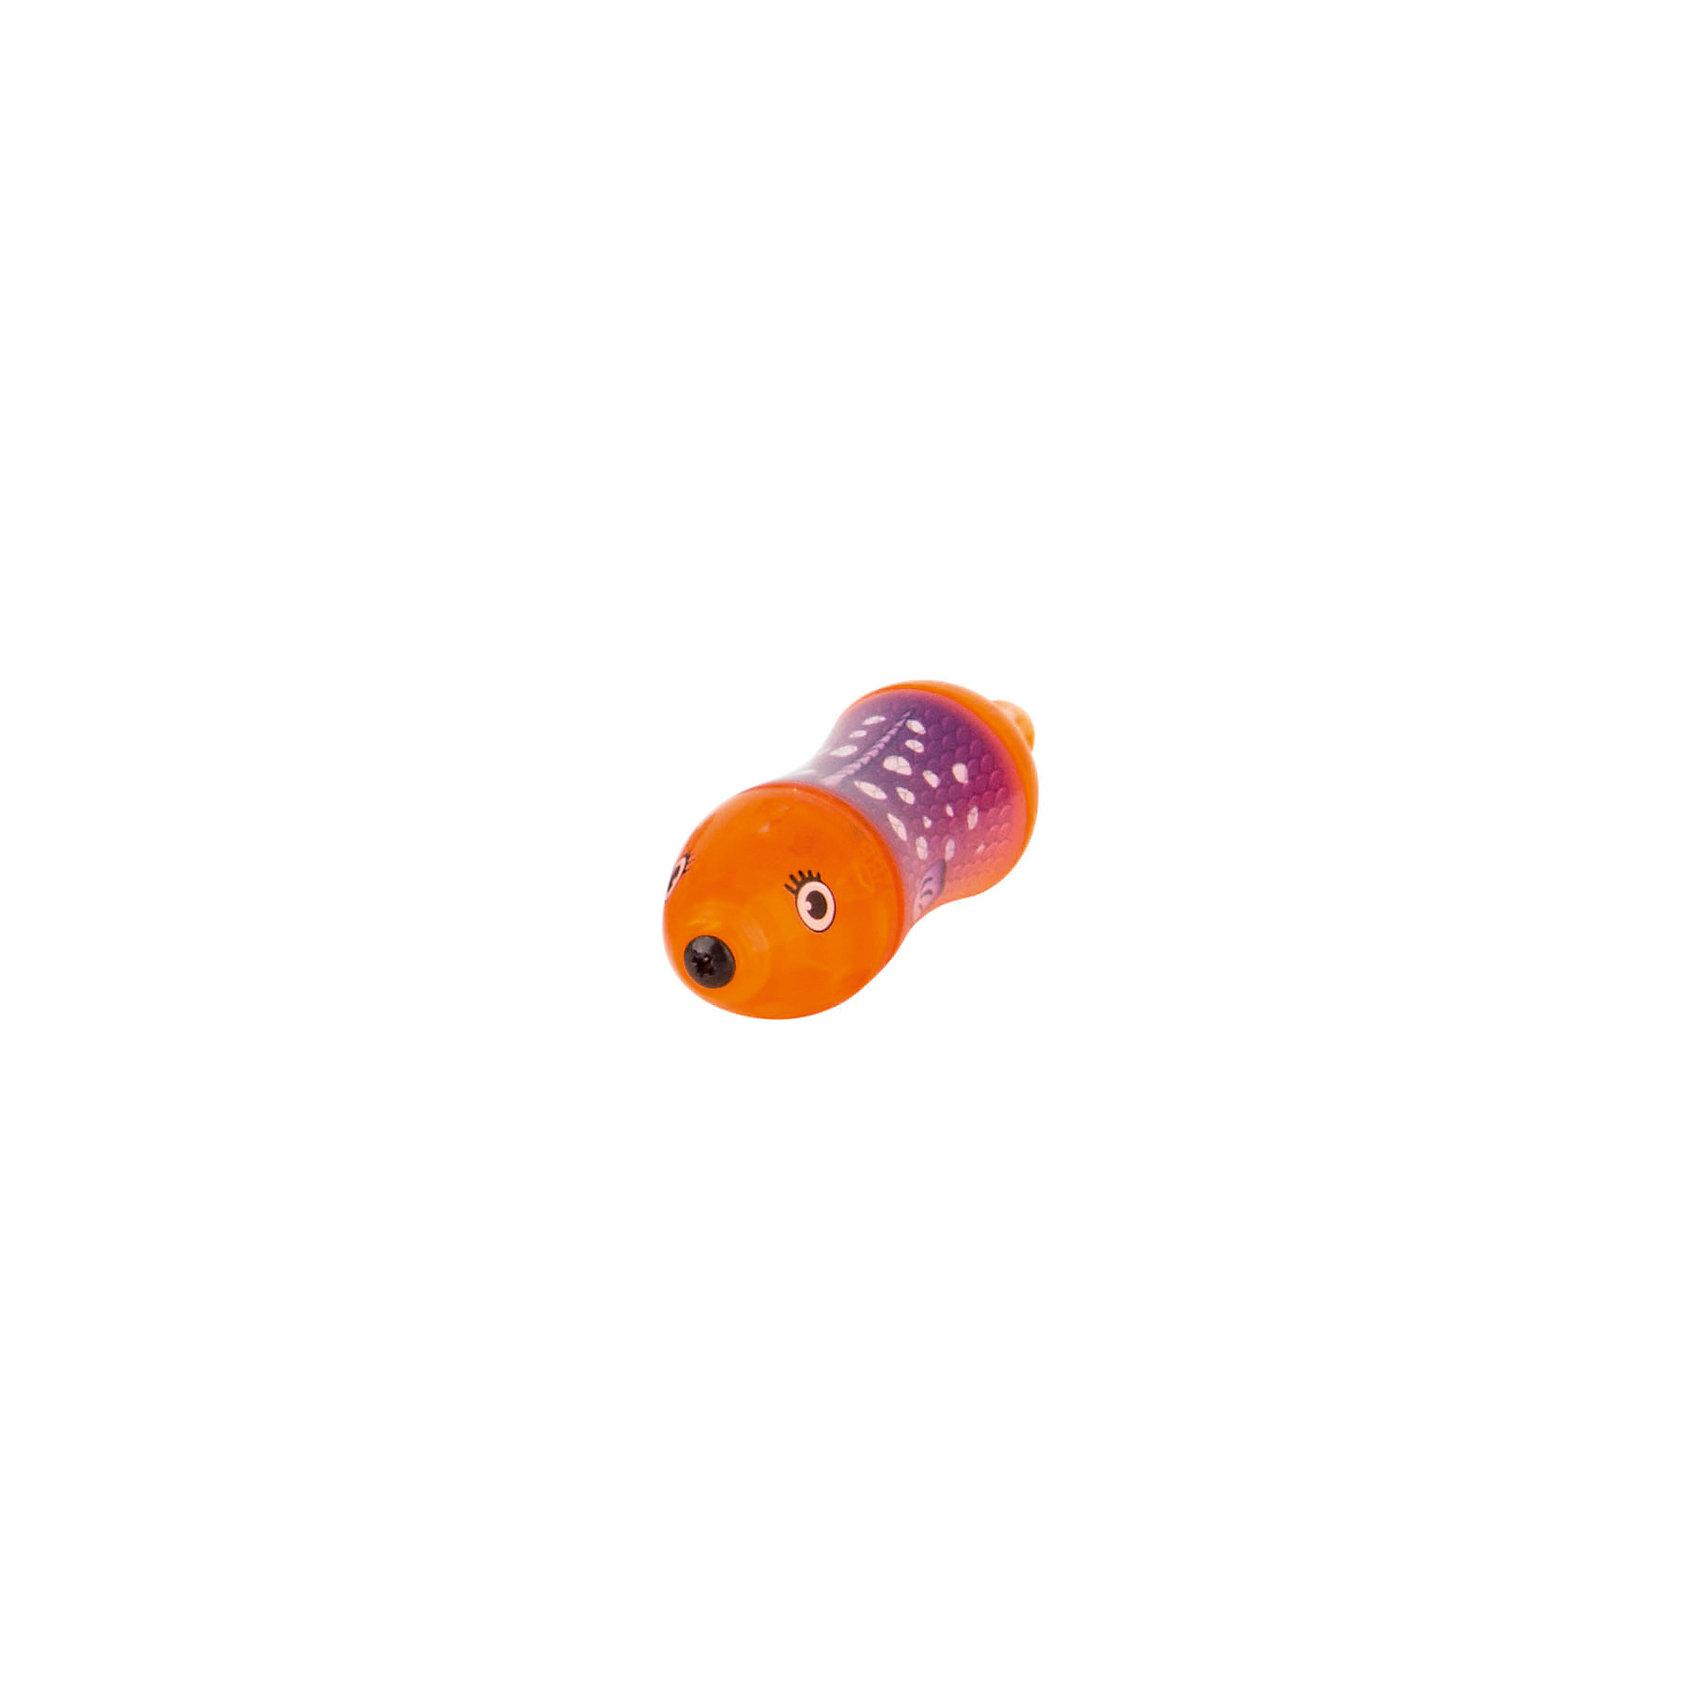 Микро-робот Aquabot Wahoo, оранжевый, Hexbug<br><br>Ширина мм: 9999<br>Глубина мм: 9999<br>Высота мм: 9999<br>Вес г: 9999<br>Возраст от месяцев: 36<br>Возраст до месяцев: 2147483647<br>Пол: Унисекс<br>Возраст: Детский<br>SKU: 5507211